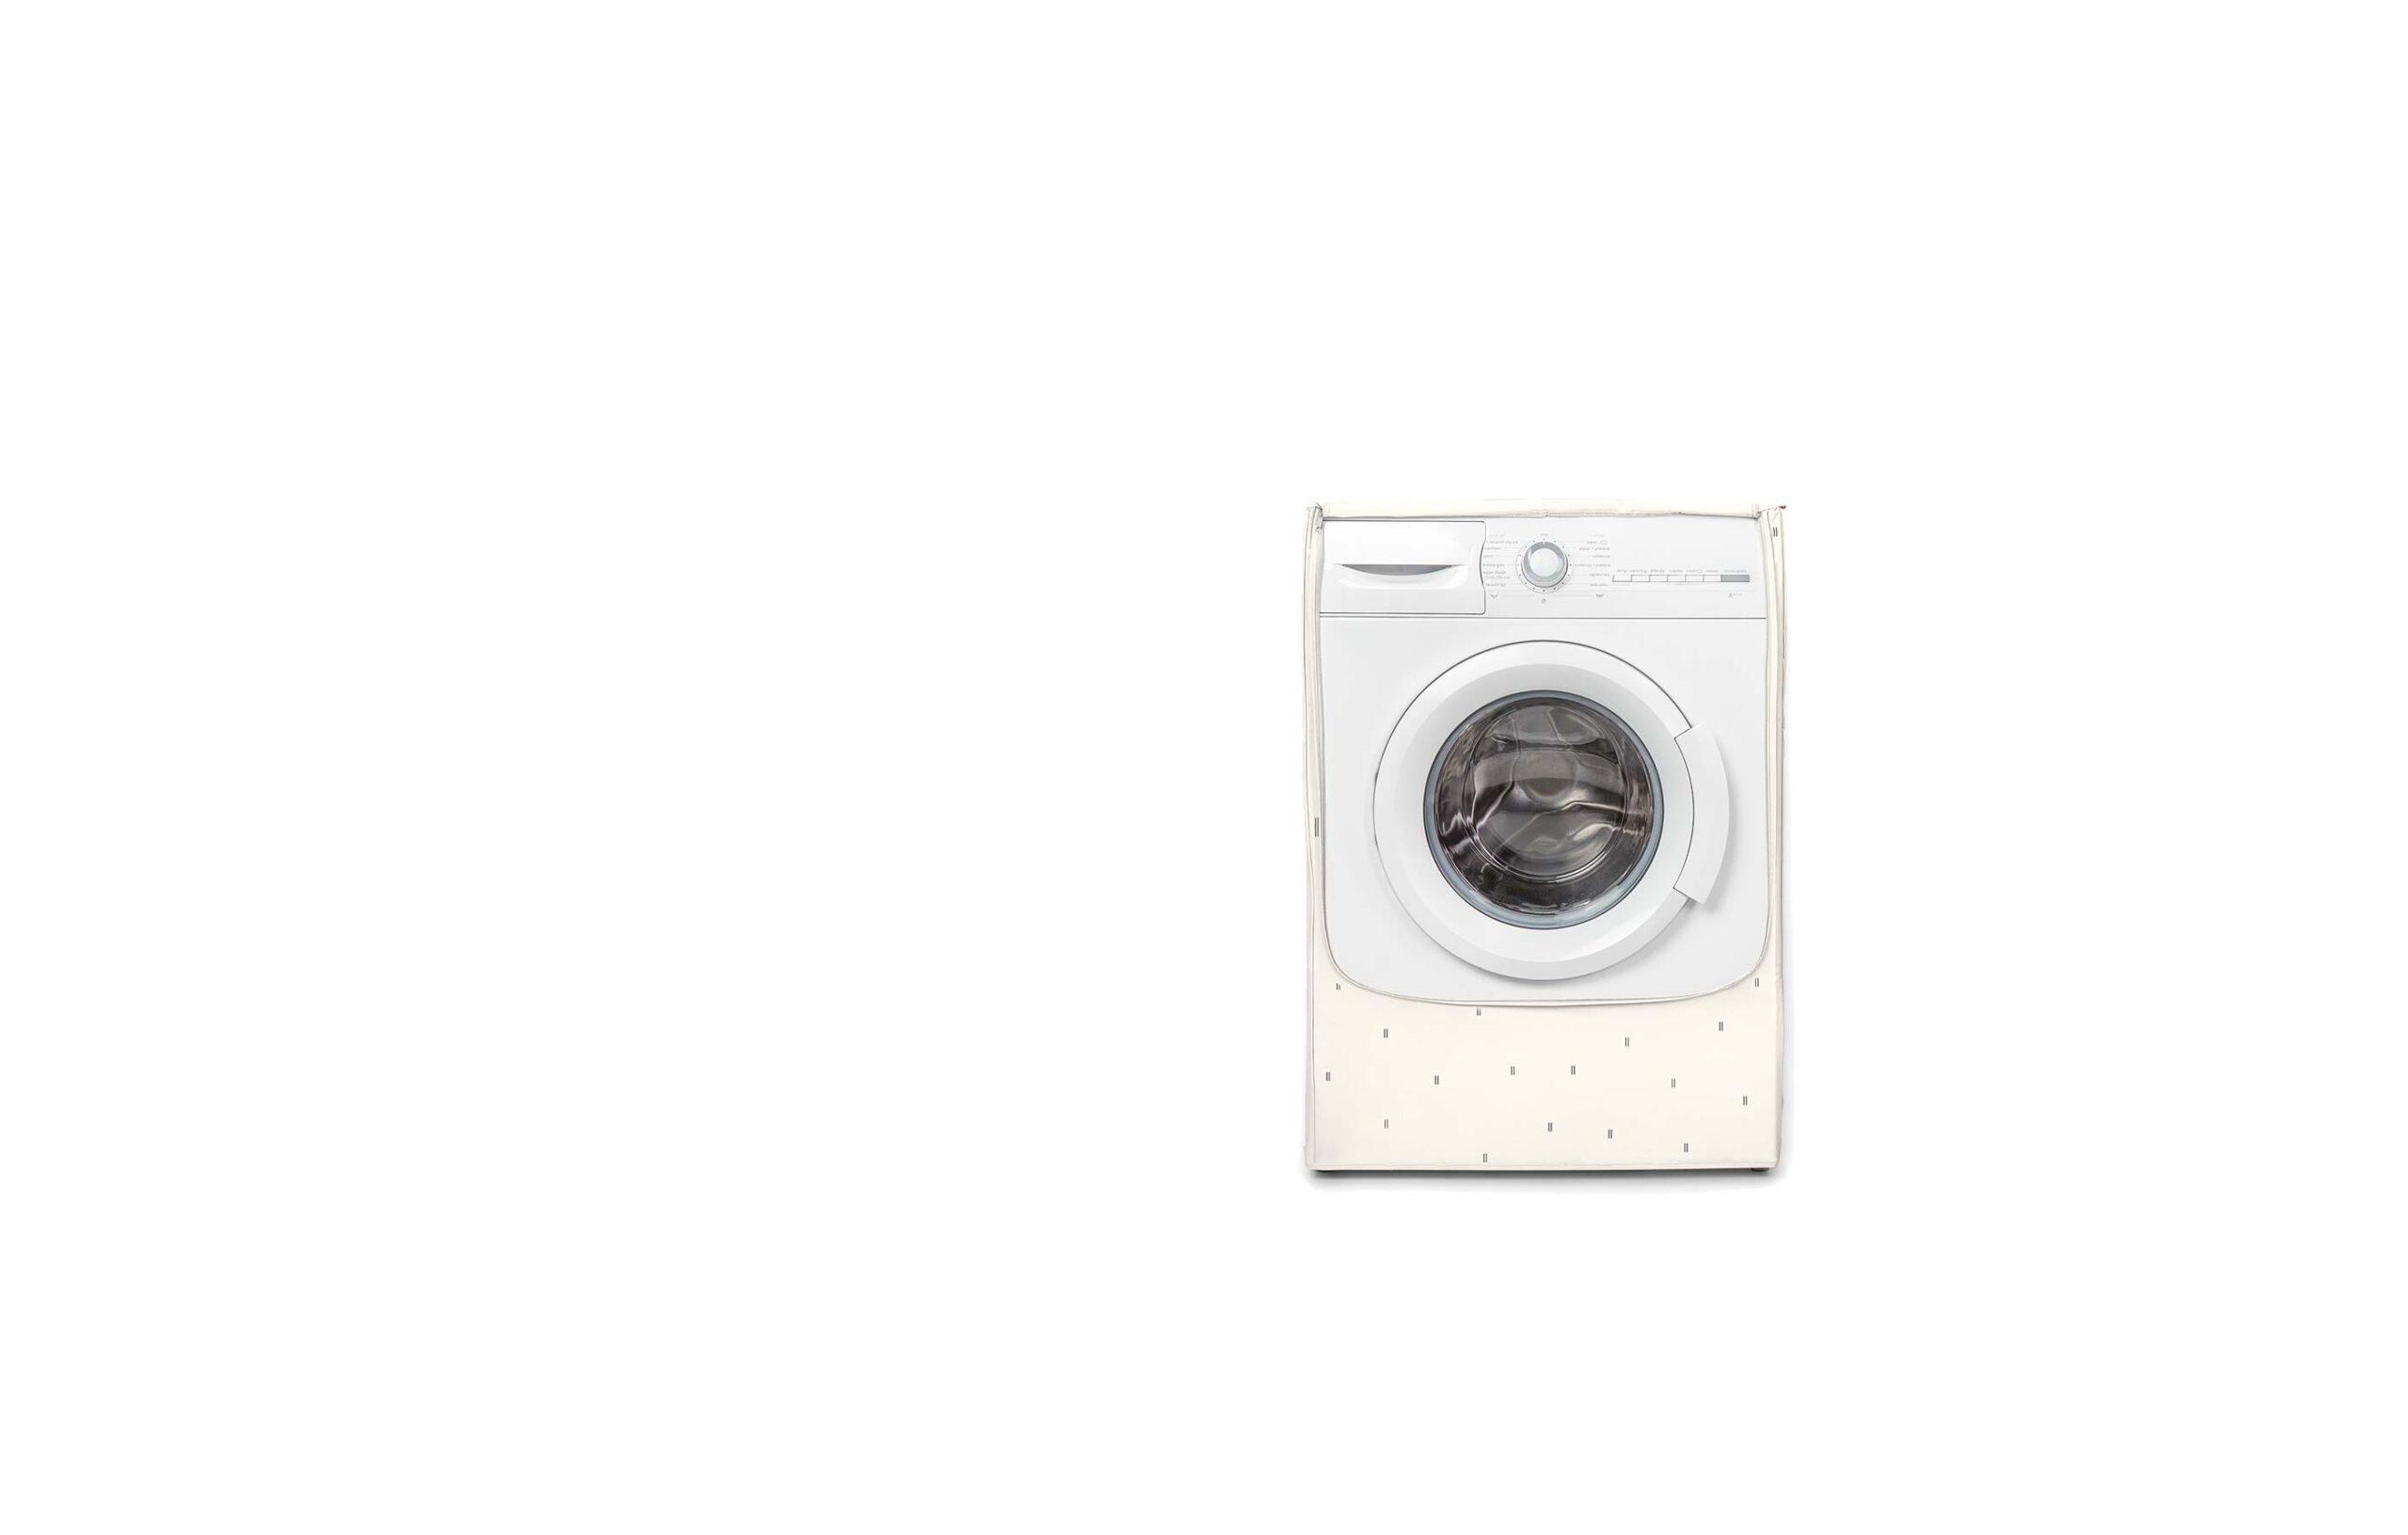 fundas-lavadora-3-scaled fundas-lavadora-3 | Rayen.com